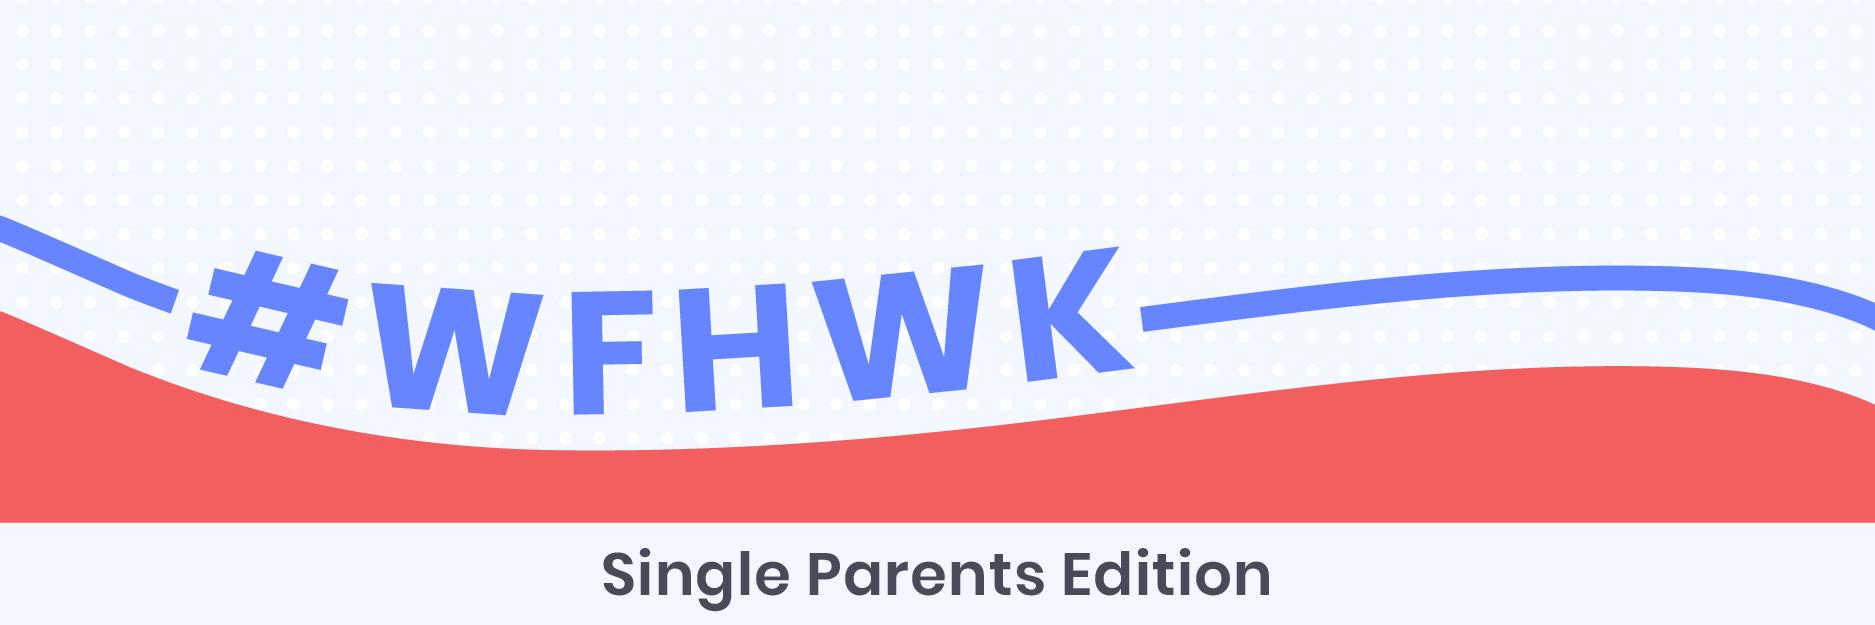 #WFHWK: Single Parents Got This